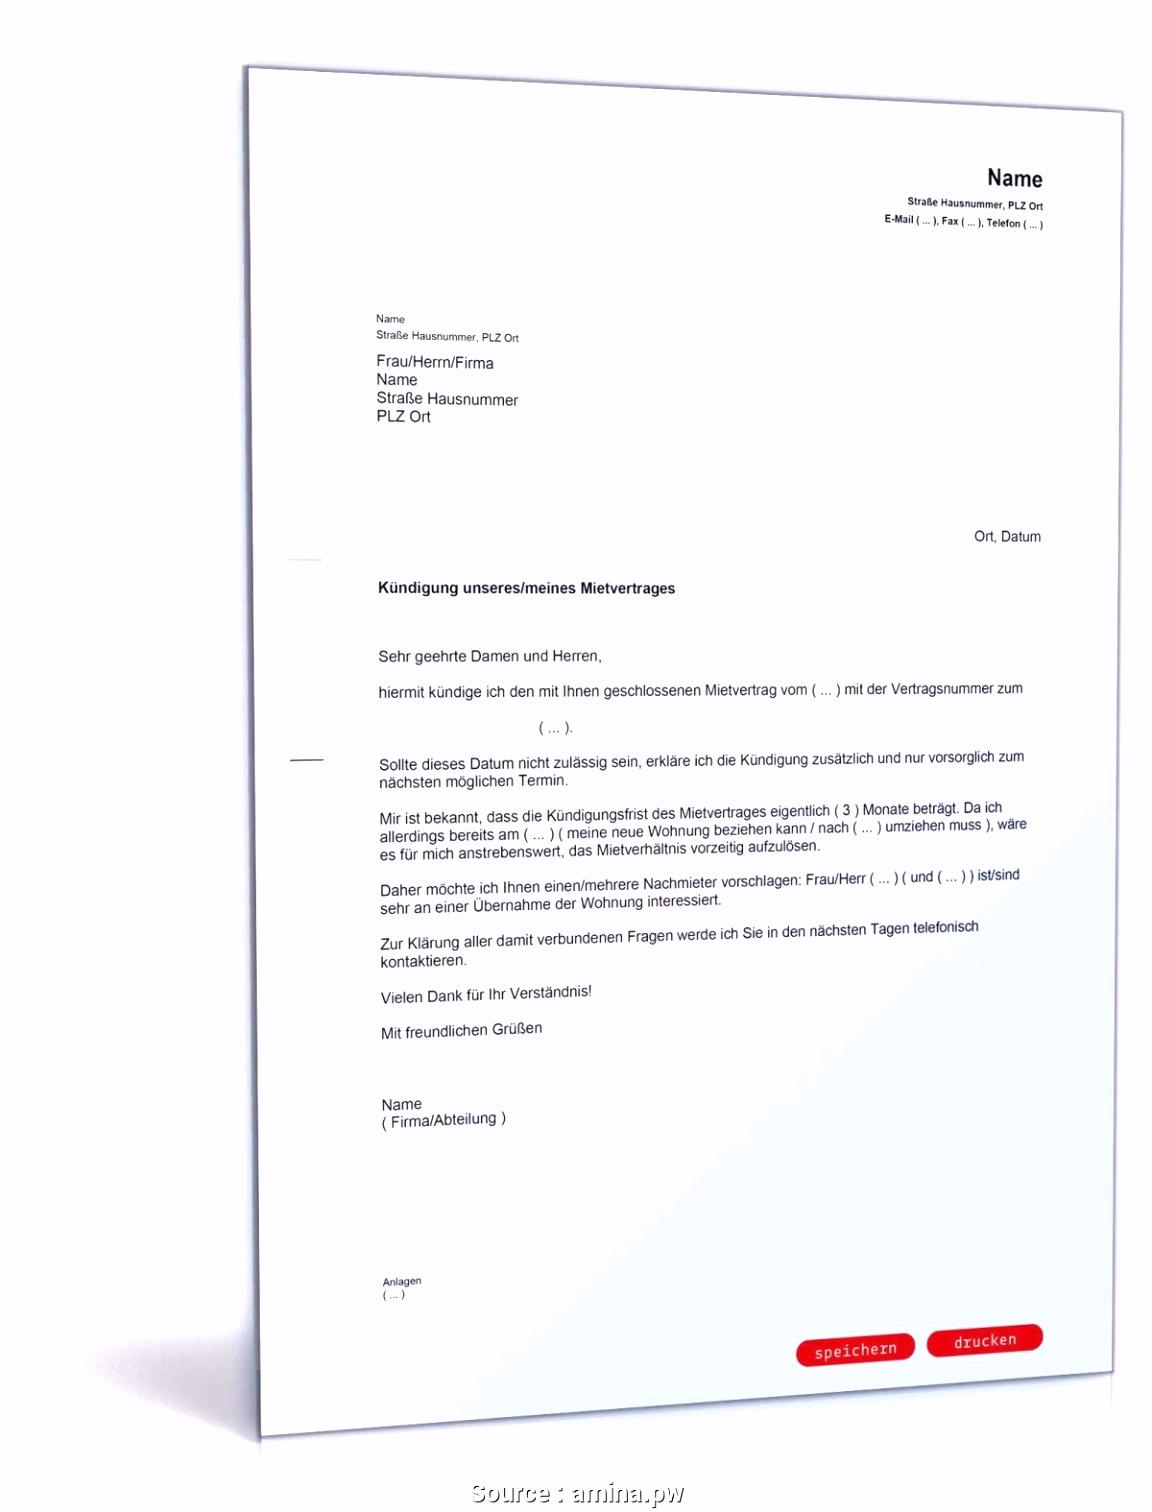 Telekom Kundigung Vorlage Umzug Komplex Vordruck Kündigung Strom Wegen Umzug Kündigung Vorlagenidee W4uy81zro5 Durymhtd06